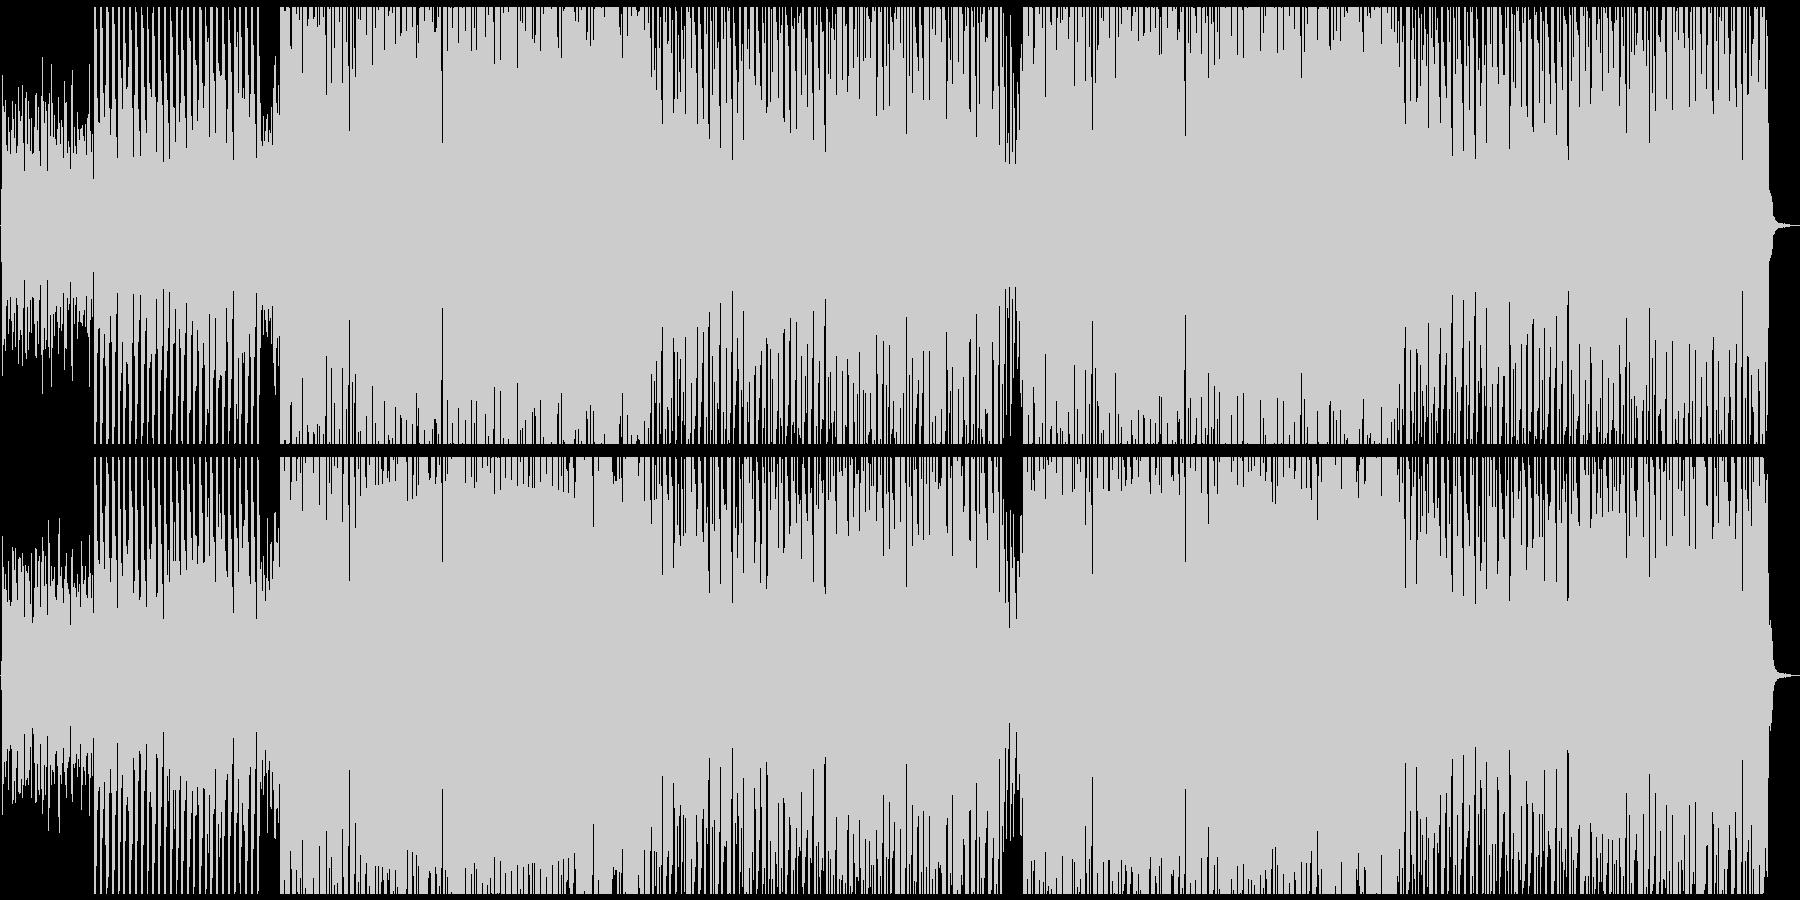 キャッチーなトロピカル風サマーポップスの未再生の波形